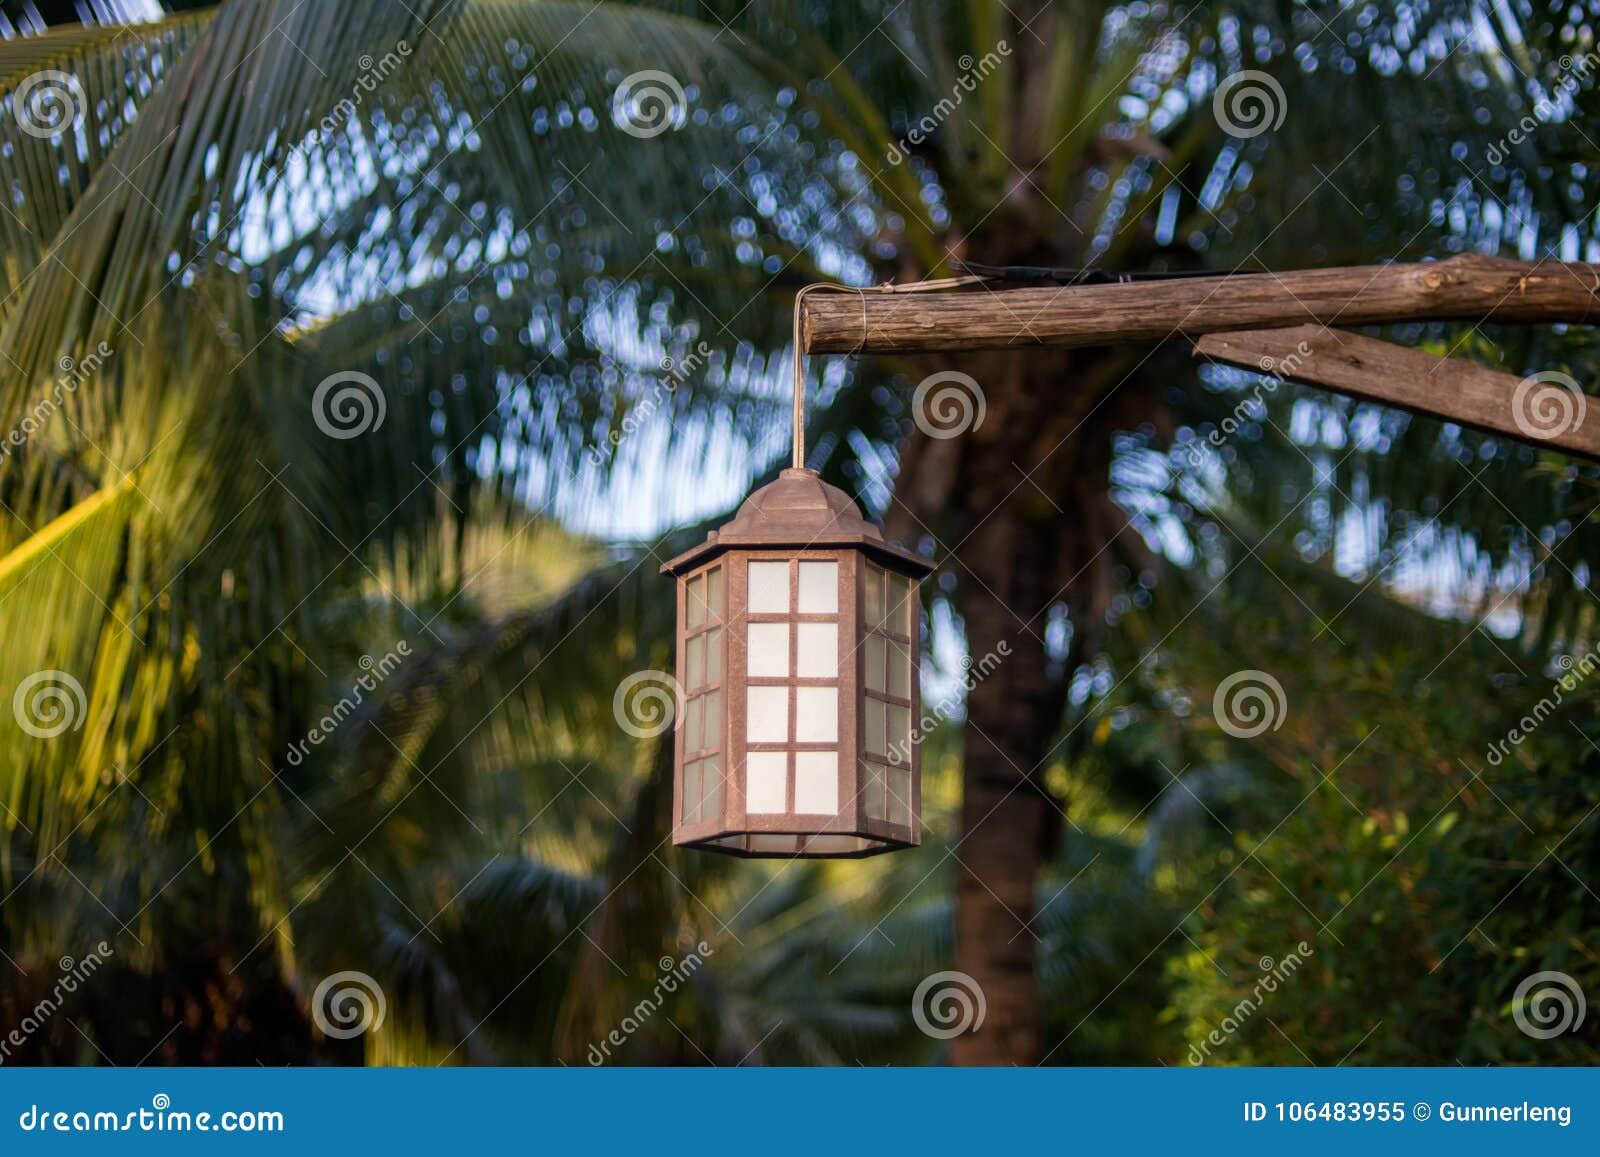 Lampade A Sospensione Allaperto : Lampada per illuminazione all aperto che appende sull albero nel